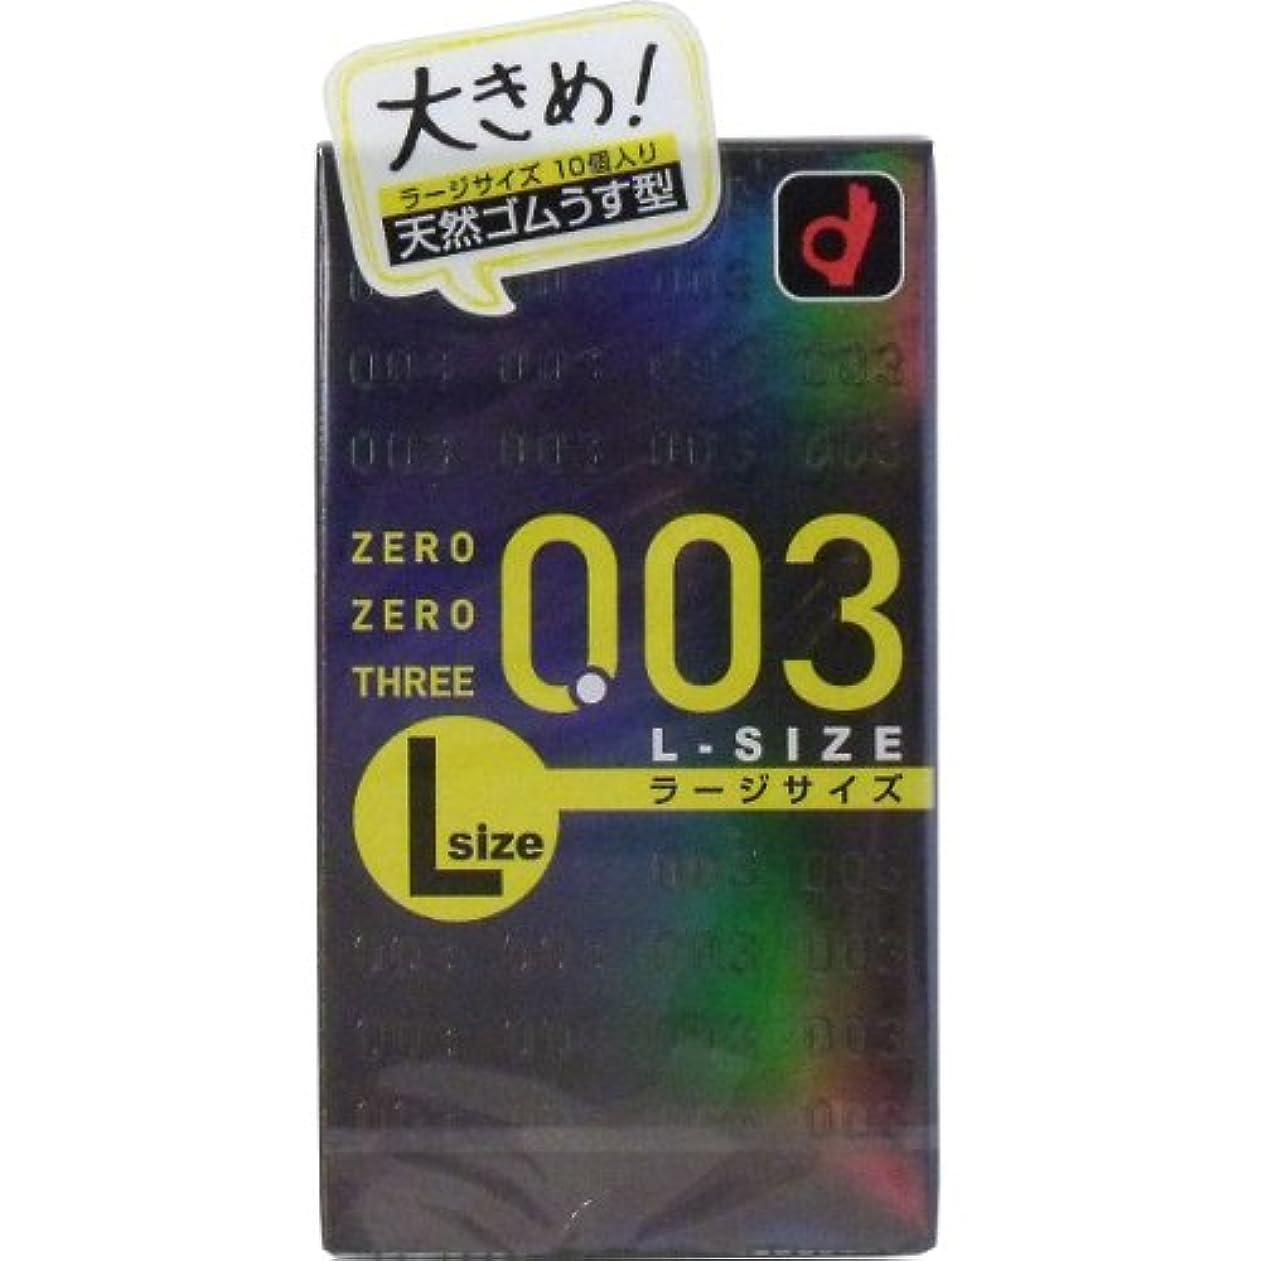 オカモト ゼロゼロスリー003 Lサイズ コンドーム 10P ×5個セット